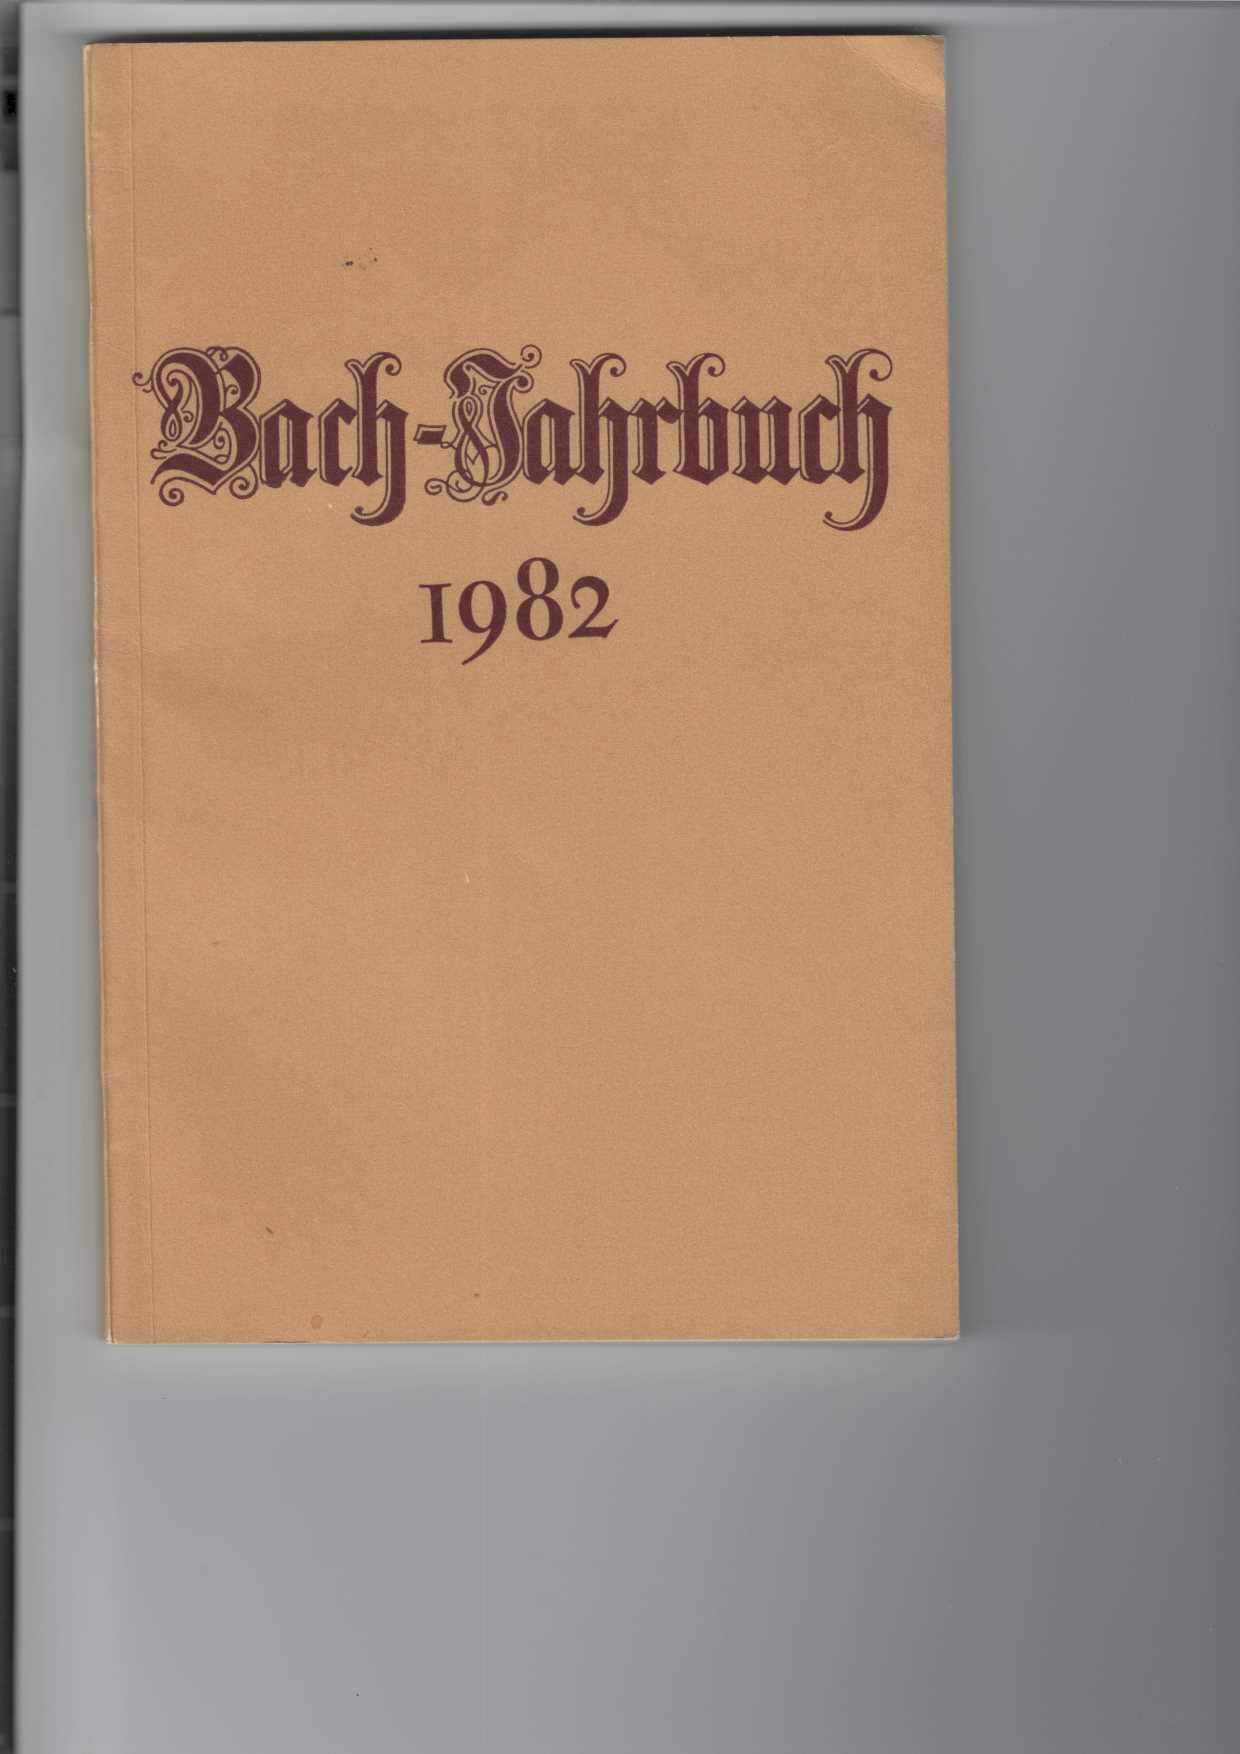 """Bach-Jahrbuch 1982. Im Auftrage der Neuen Bachgesellschaft herausgegeben von Hans-Joachim Schulze und Christoph Wolff. Inhalt u.a.: Nachruf Erhard Mauersberger; Martin Zenck: """"Stadien der Bach-Deutung""""; Klaus Hofmann: Bachs Kantate """"Ich lasse dicht nicht""""; Werner Breig: Bachs """"Kunst der Fuge""""; Hans-Joacchim Schulze: Ein dubioses """"Menuetto con Trio di J. S. Bach"""". 68. Jahrgang 1982."""